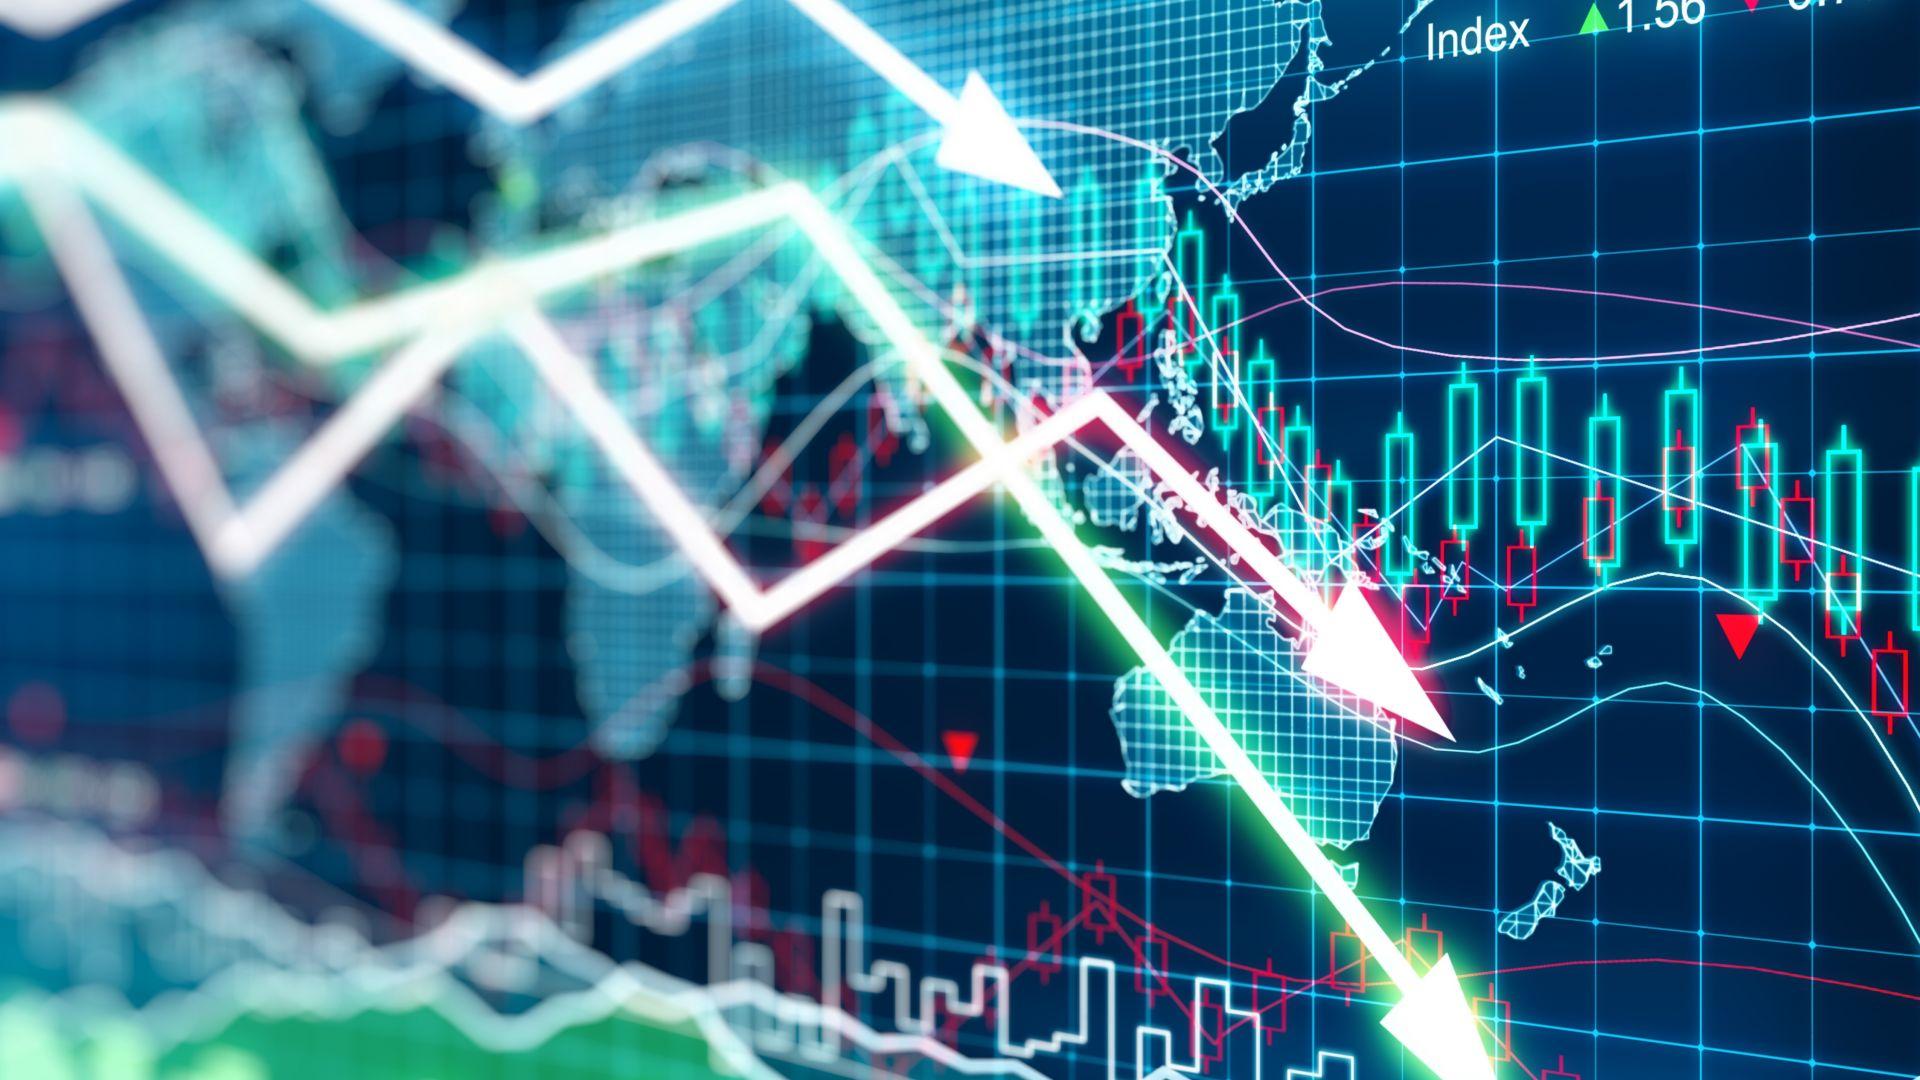 Стопанската конюнктура се влошава през април във всички сектори. Какви са прогнозите?